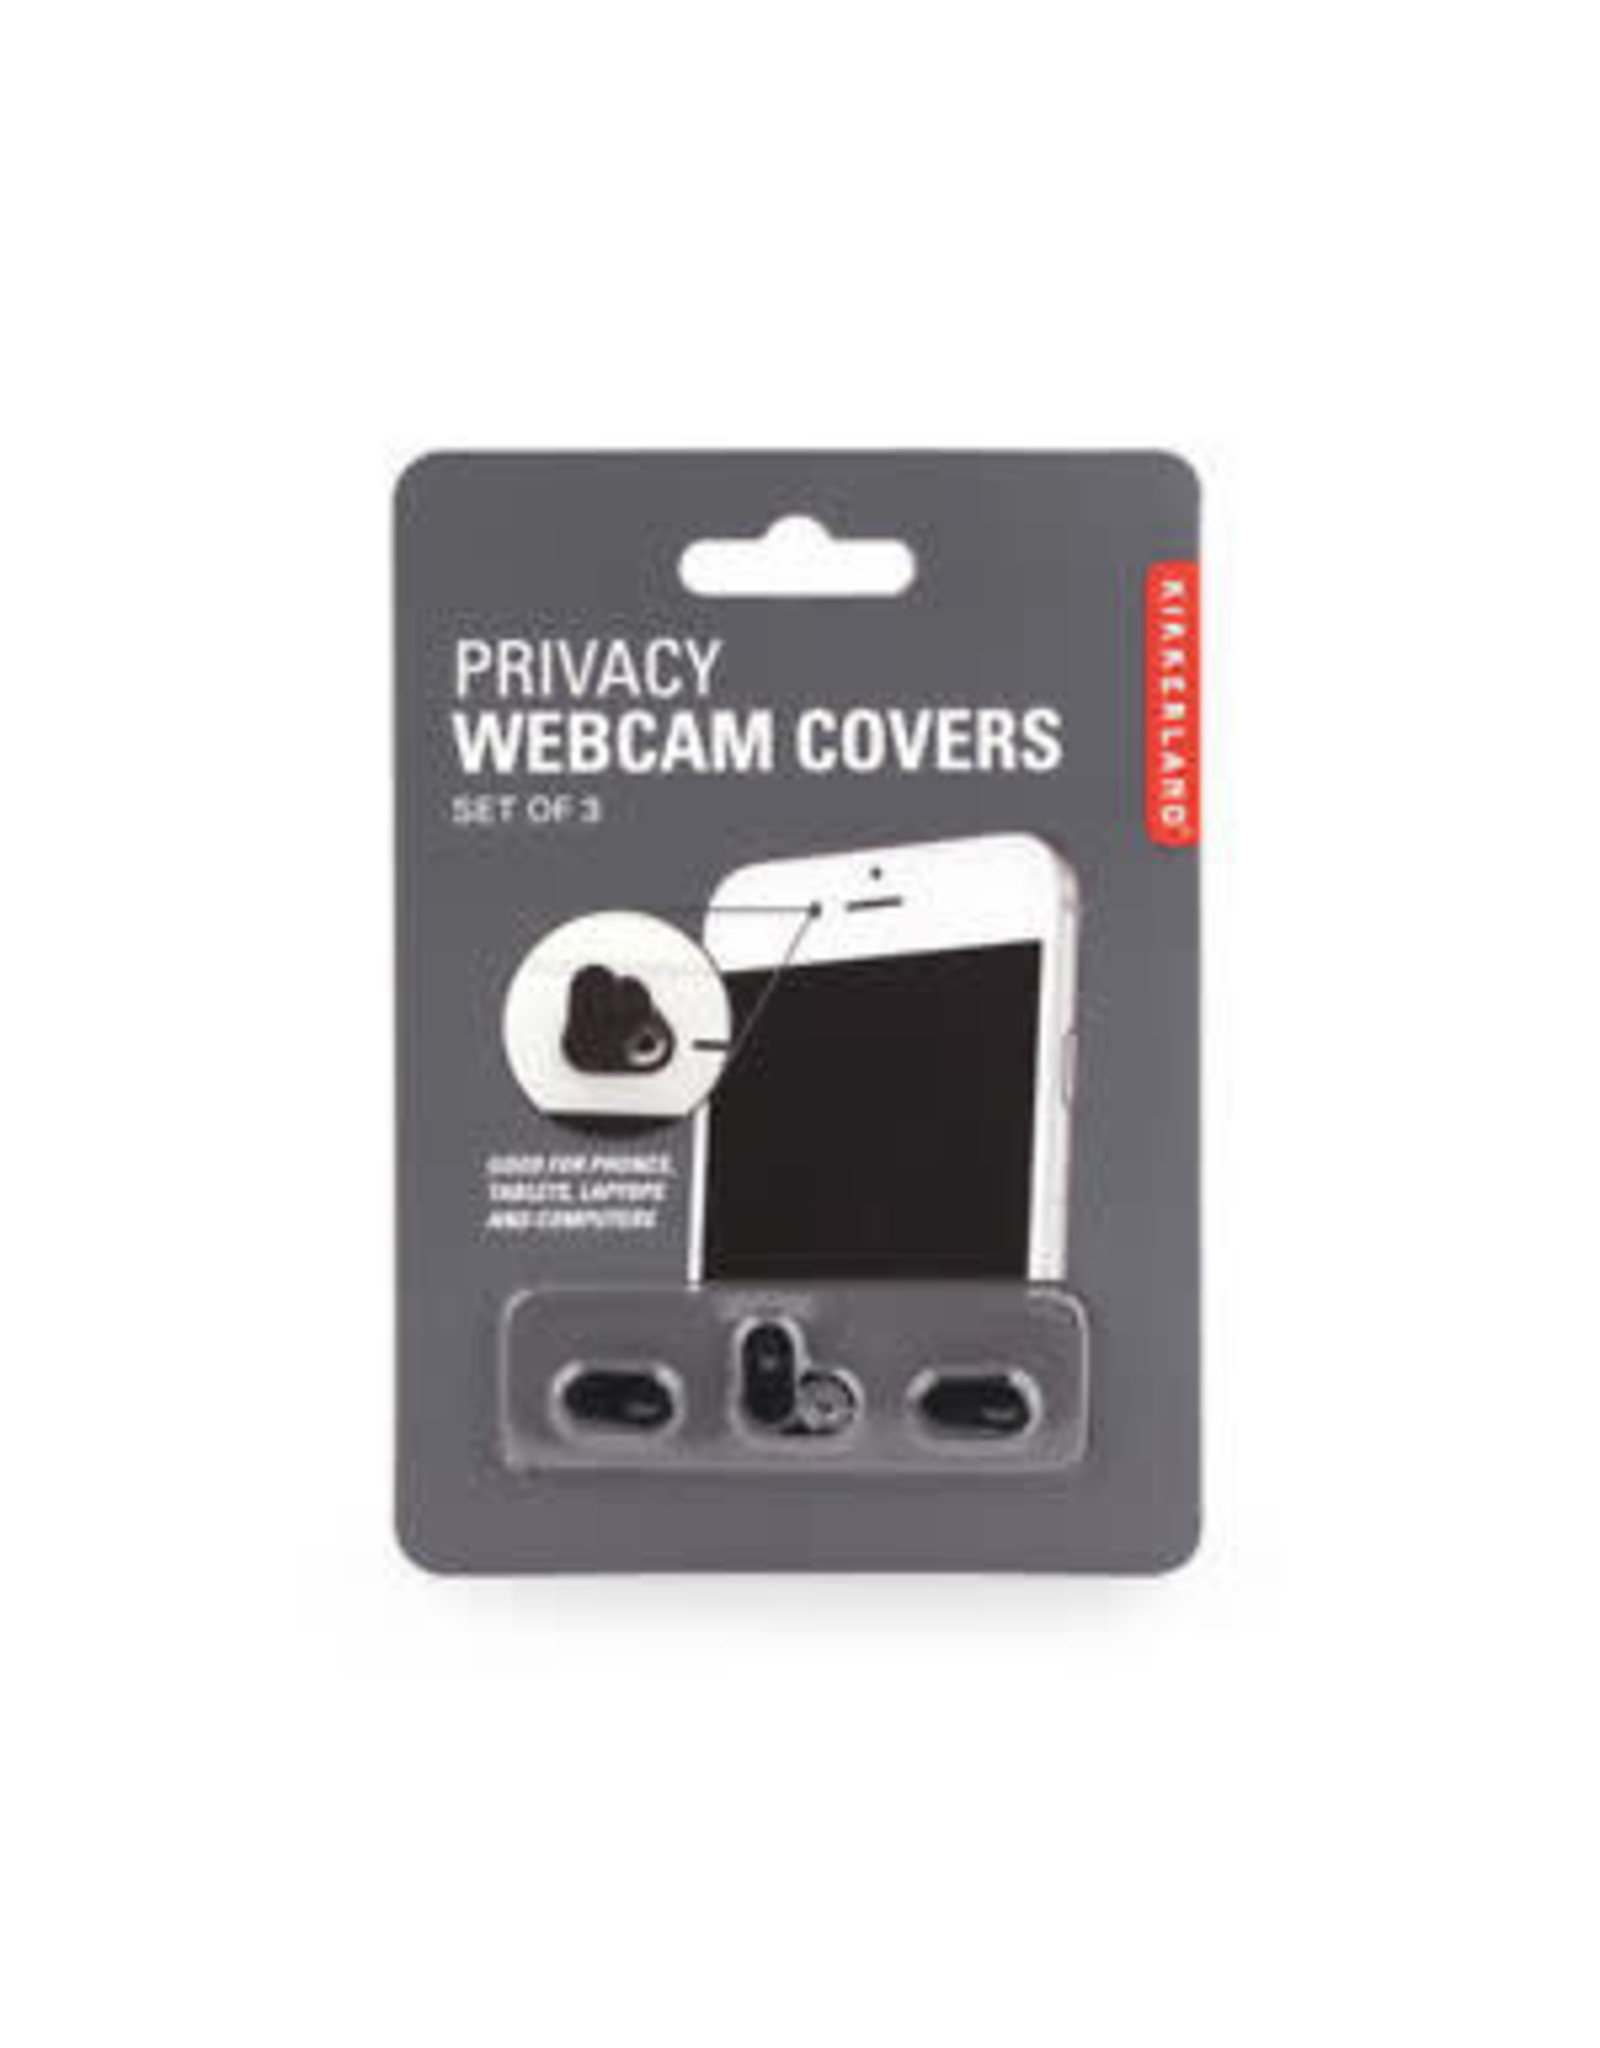 Kikkerland set of 3 webcam covers